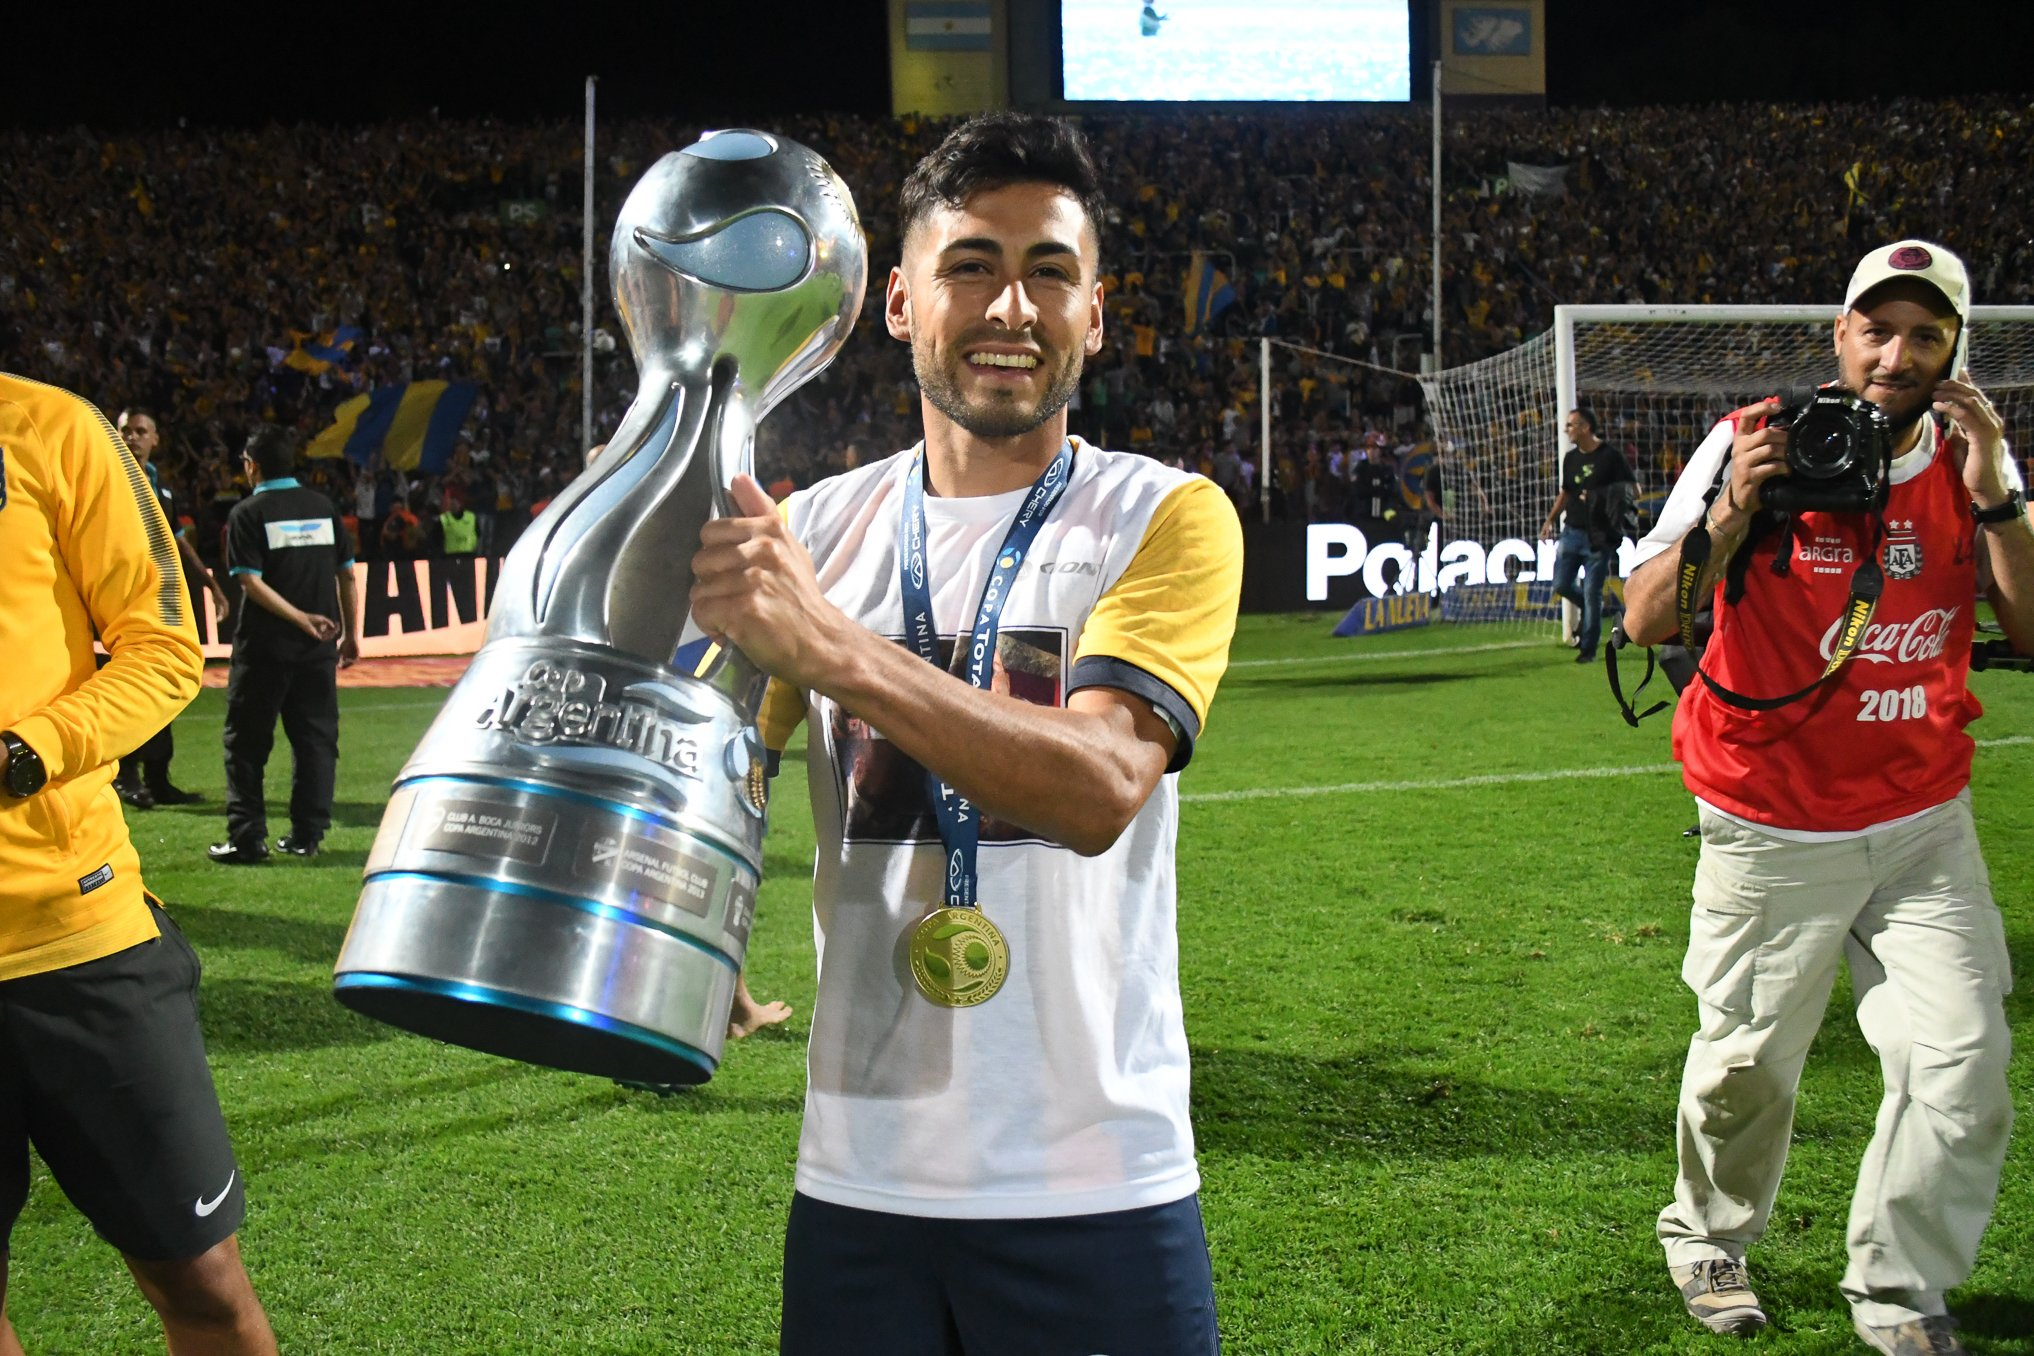 """Rosario Central on Twitter: """"#GraciasPachi   🏆👏🏾 ¡Campeón tras su regreso! El 23/02/17 Carrizo volvió a #RosarioCentral a comenzar una nueva etapa. La misma pudo cerrarla coronándose Campeón de la Copa Argentina"""